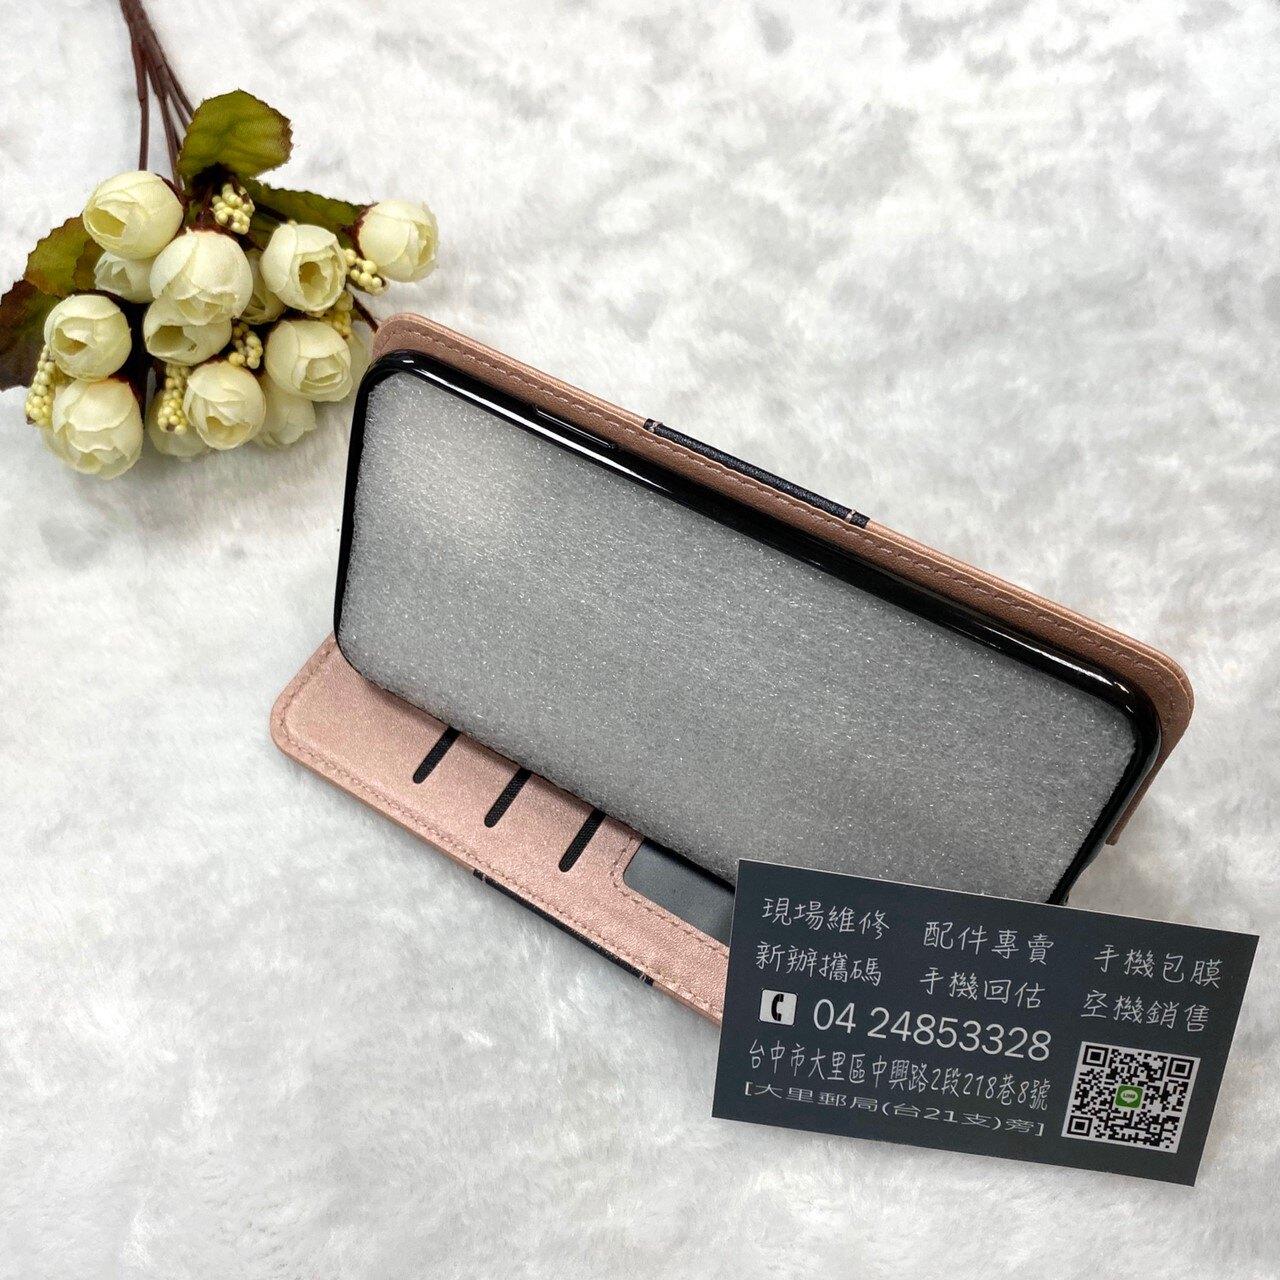 【新完美款吸合皮套】三星 Galaxy A31 6.4吋 A315G 隱藏磁扣皮套 保護套 可立側掀